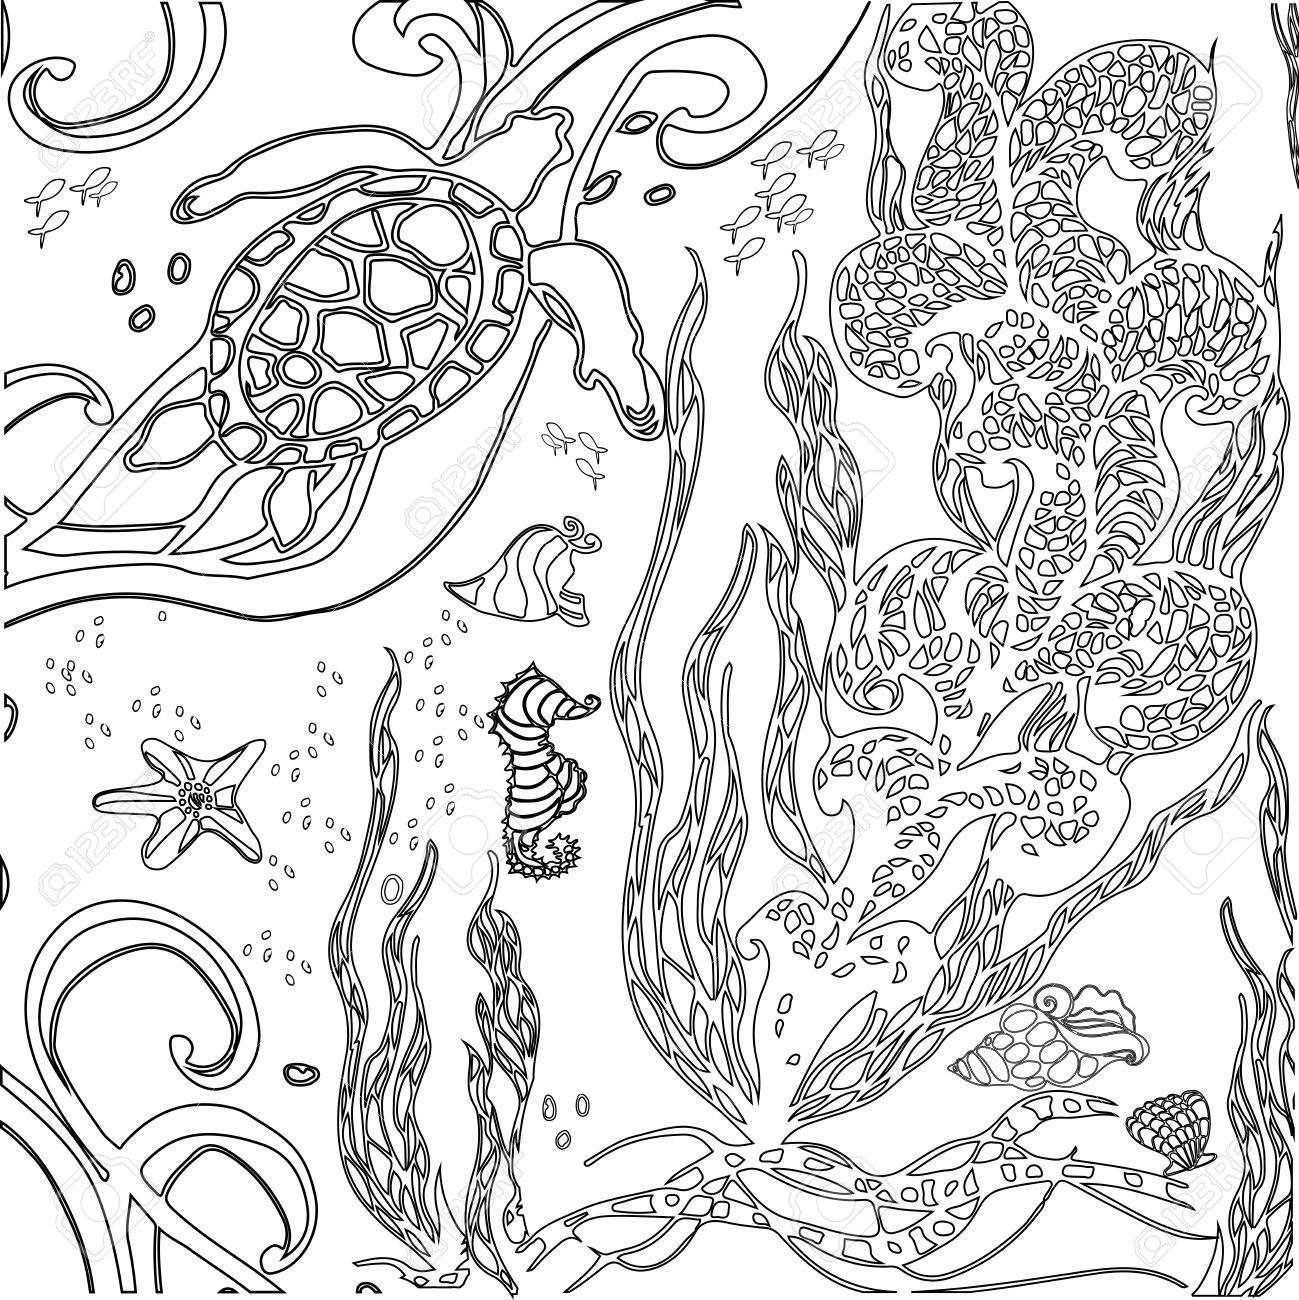 Coloriage Adulte Histoire.Monde Sous Marin De Vector Illustration Doodle Mer Ocean Histoire De Fees Livre De Coloriage Anti Stress Pour Les Adultes Noir Et Blanc